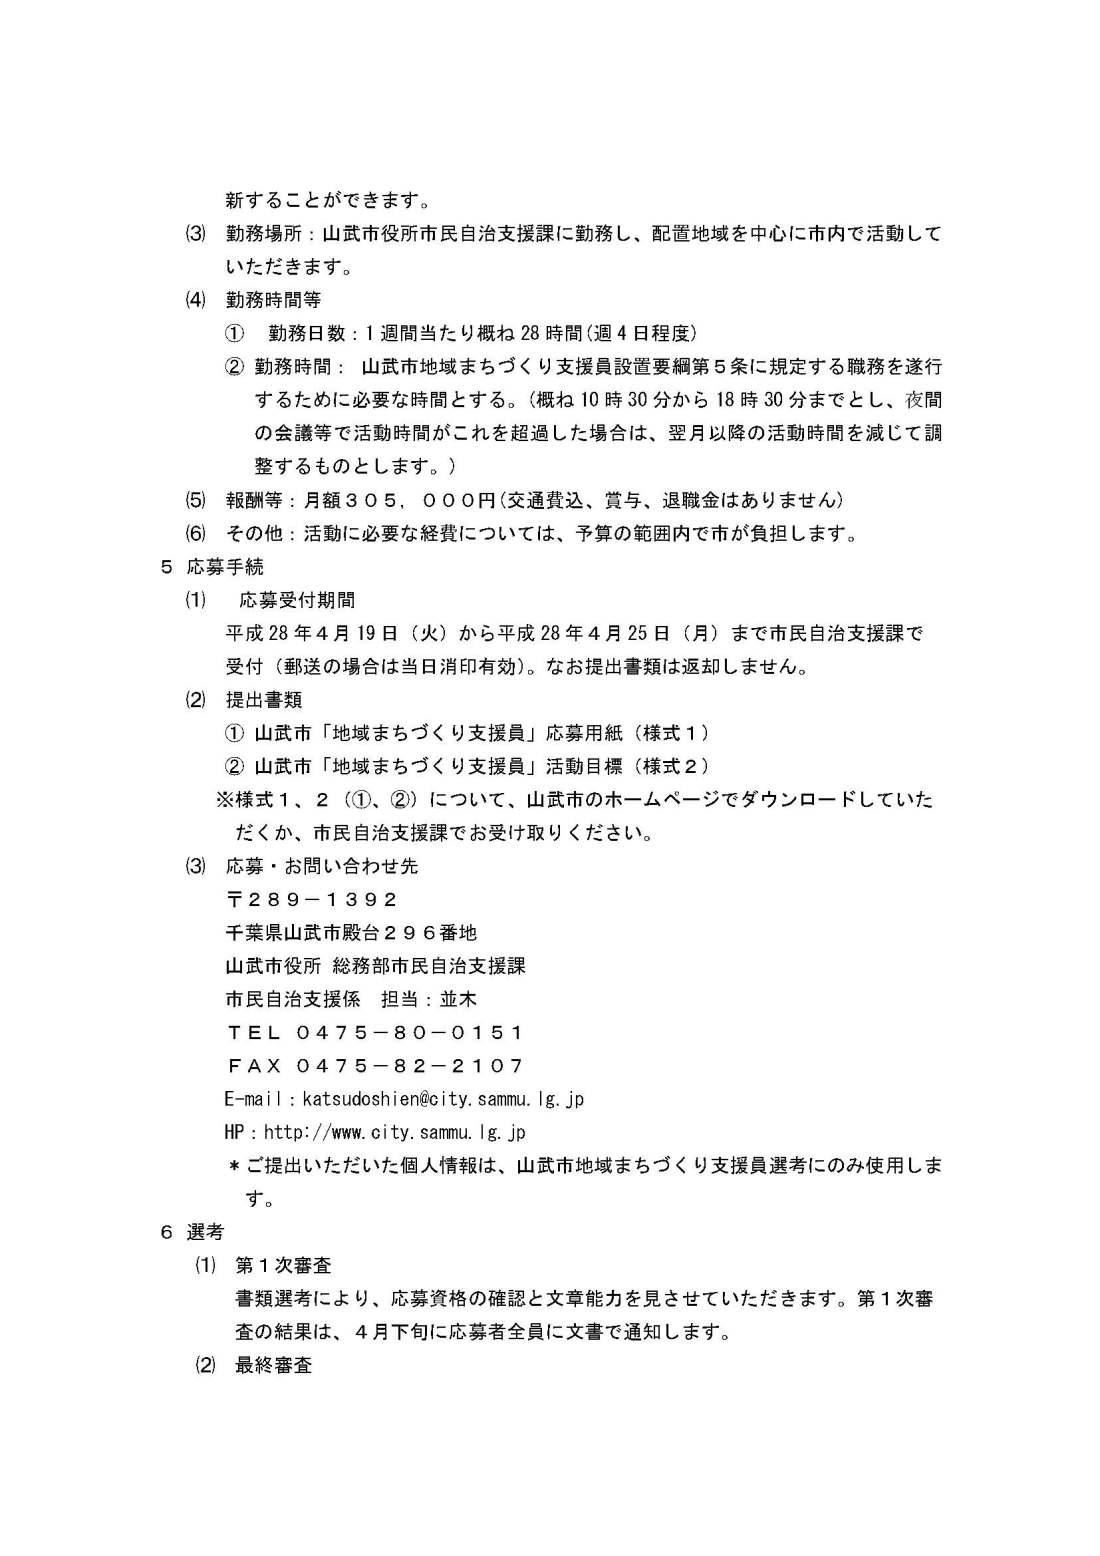 15324(まちづくり支援員募集要項_ページ_2